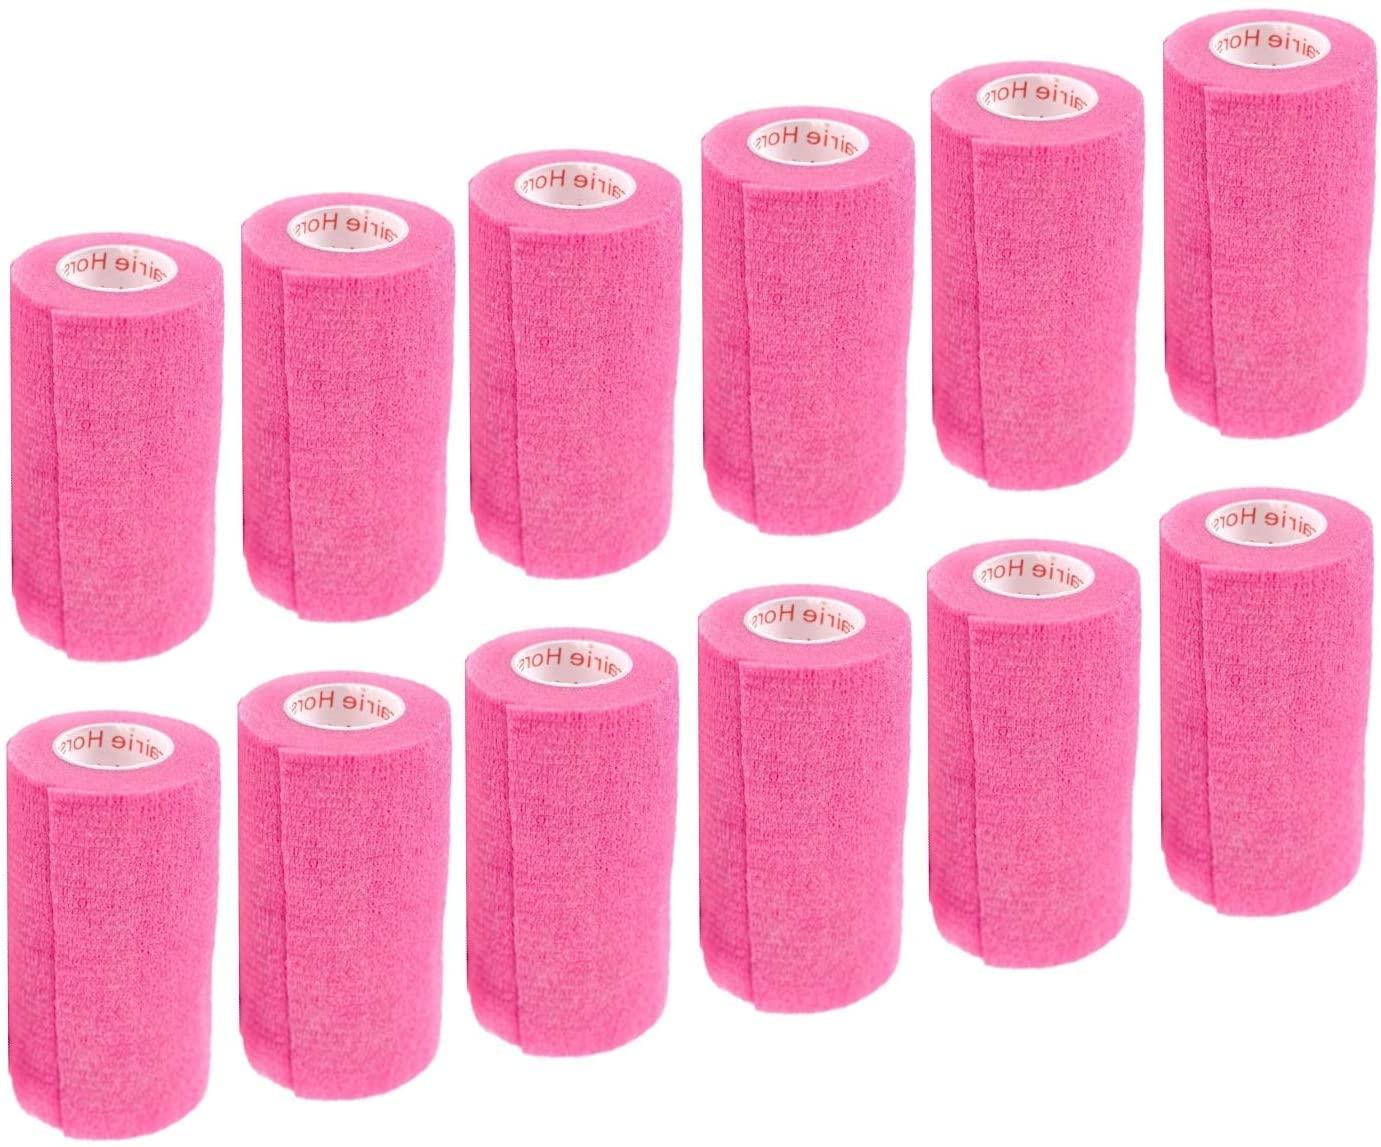 3 Inch Vet Wrap Tape Bulk (Assorted Colors) (6, 12, 18, or 24 Packs) Self-Adhesive Self Adherent Adhering Flex Bandage Rap Grip Roll for Dog Cat Pet Horse …